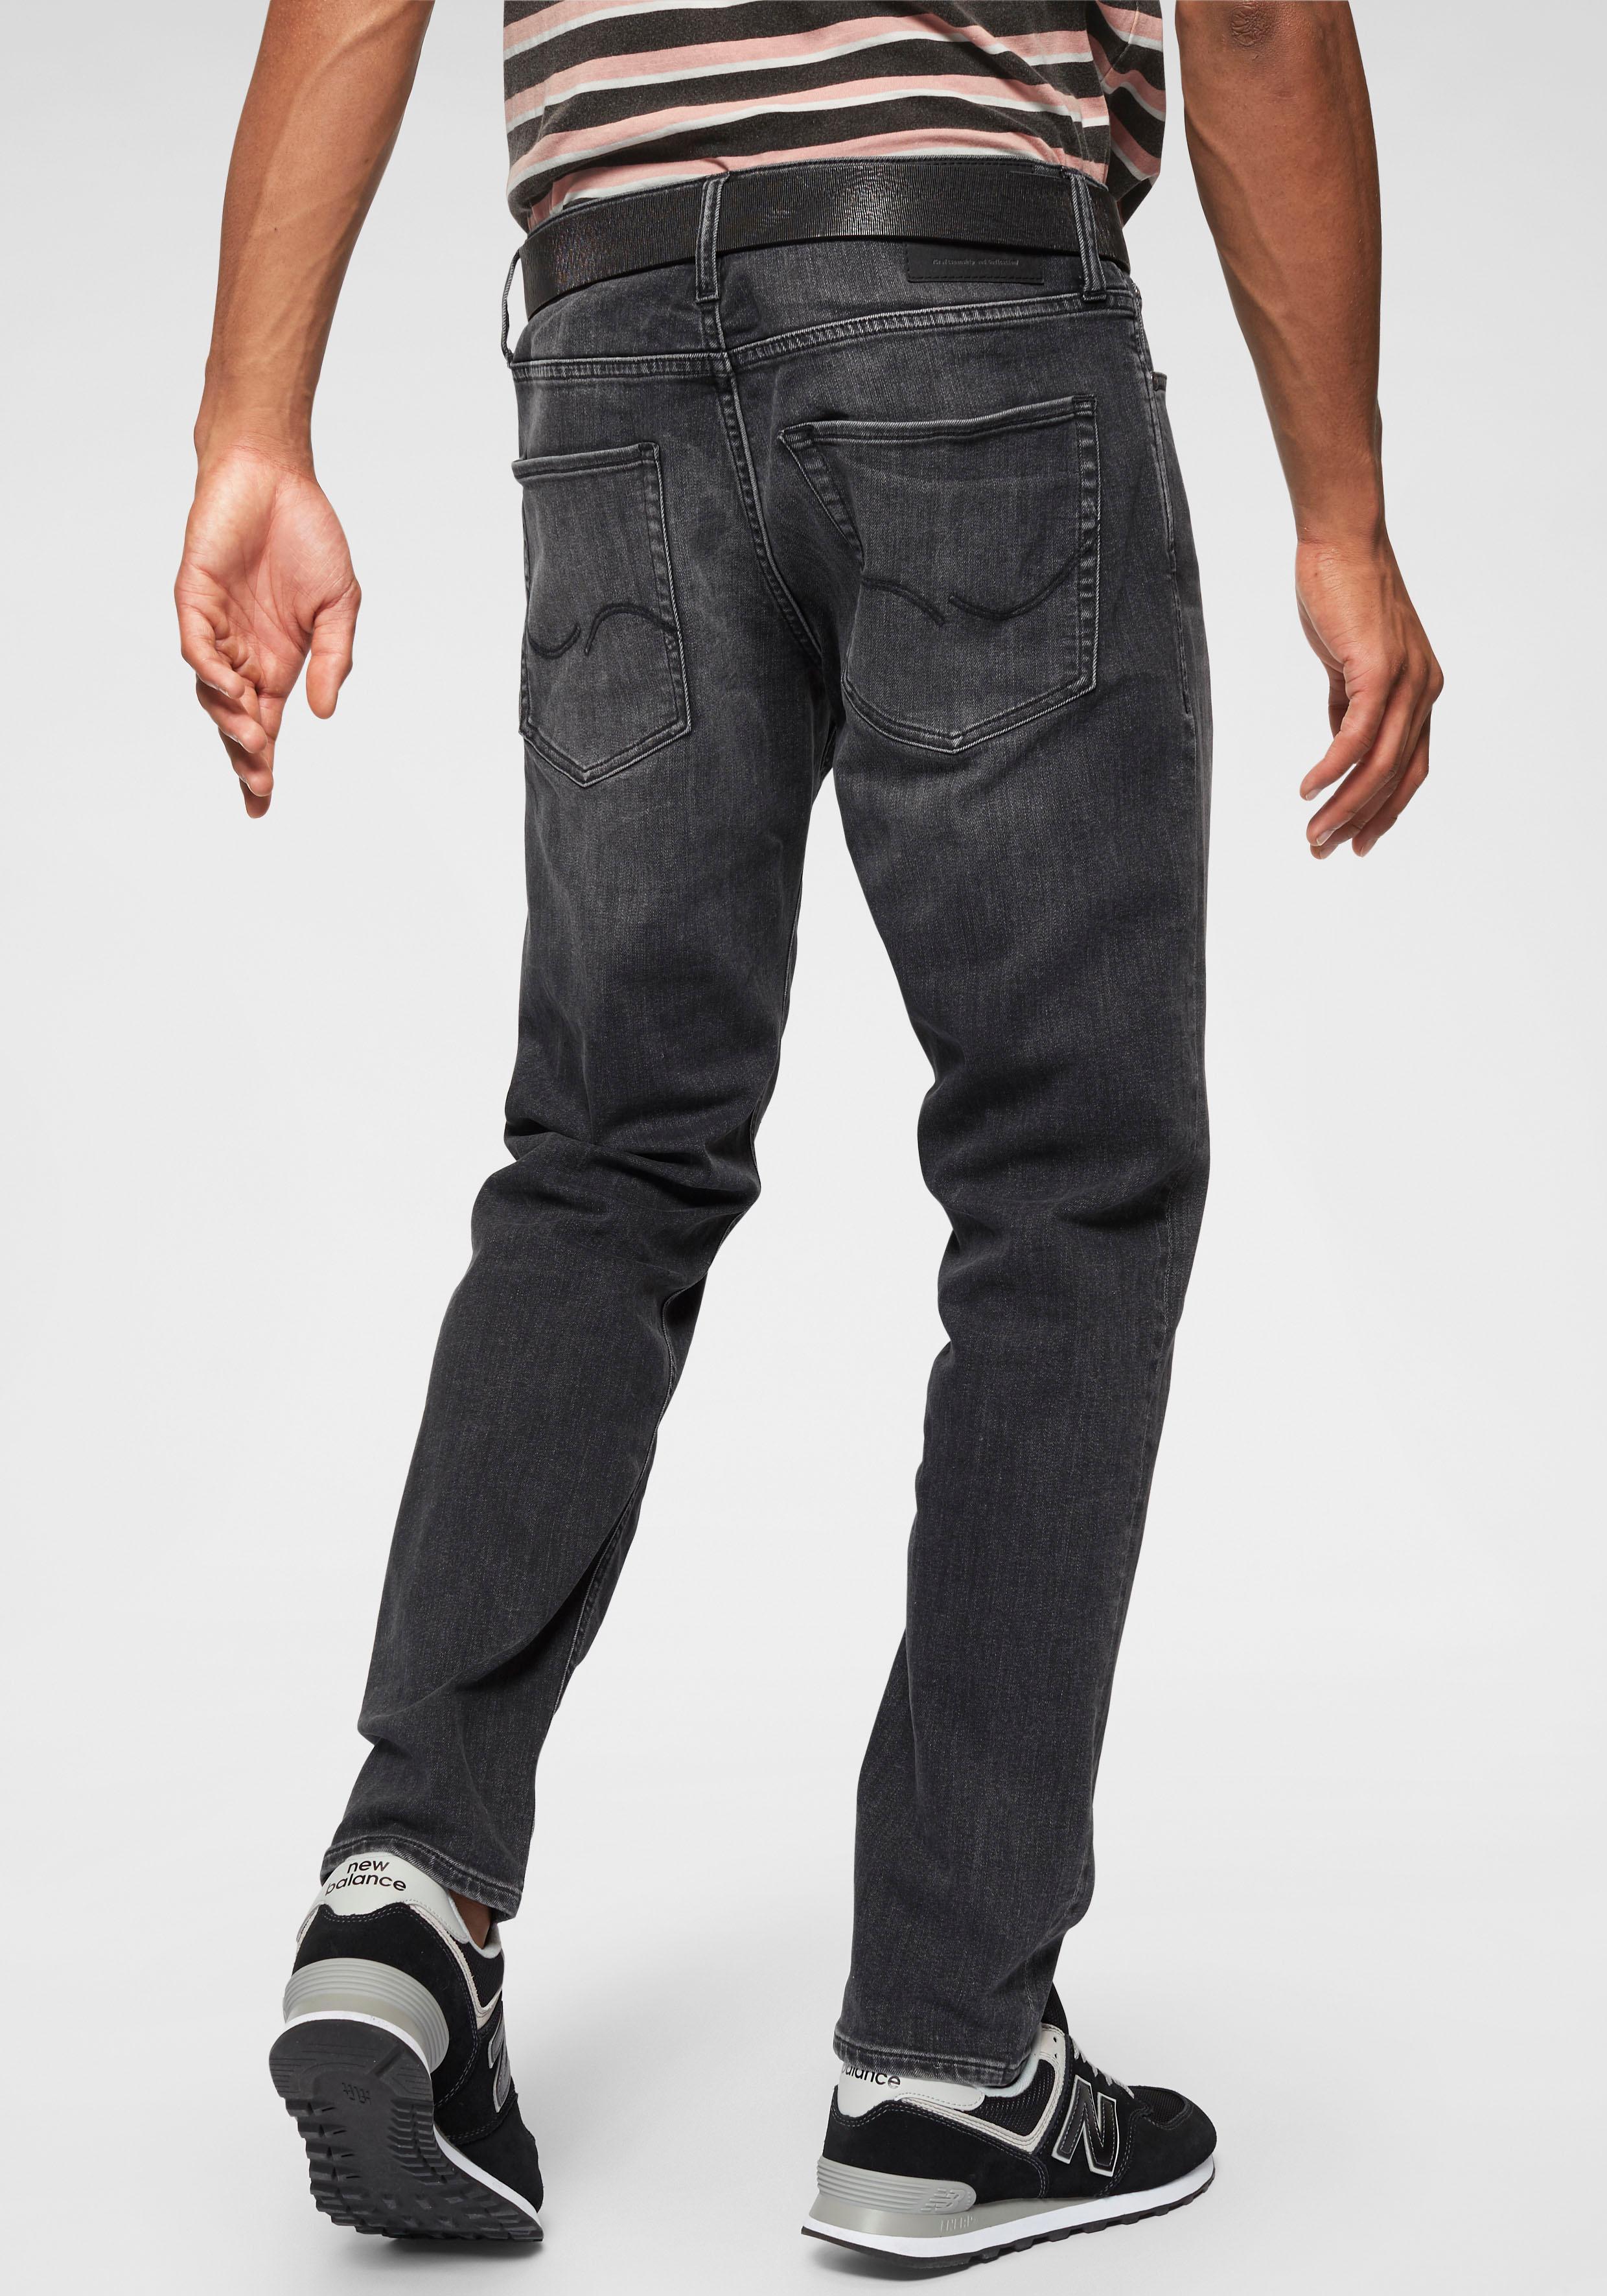 Jack & Jones Comfort-fit-Jeans Mike | Bekleidung > Jeans > Sonstige Jeans | Schwarz | jack & jones